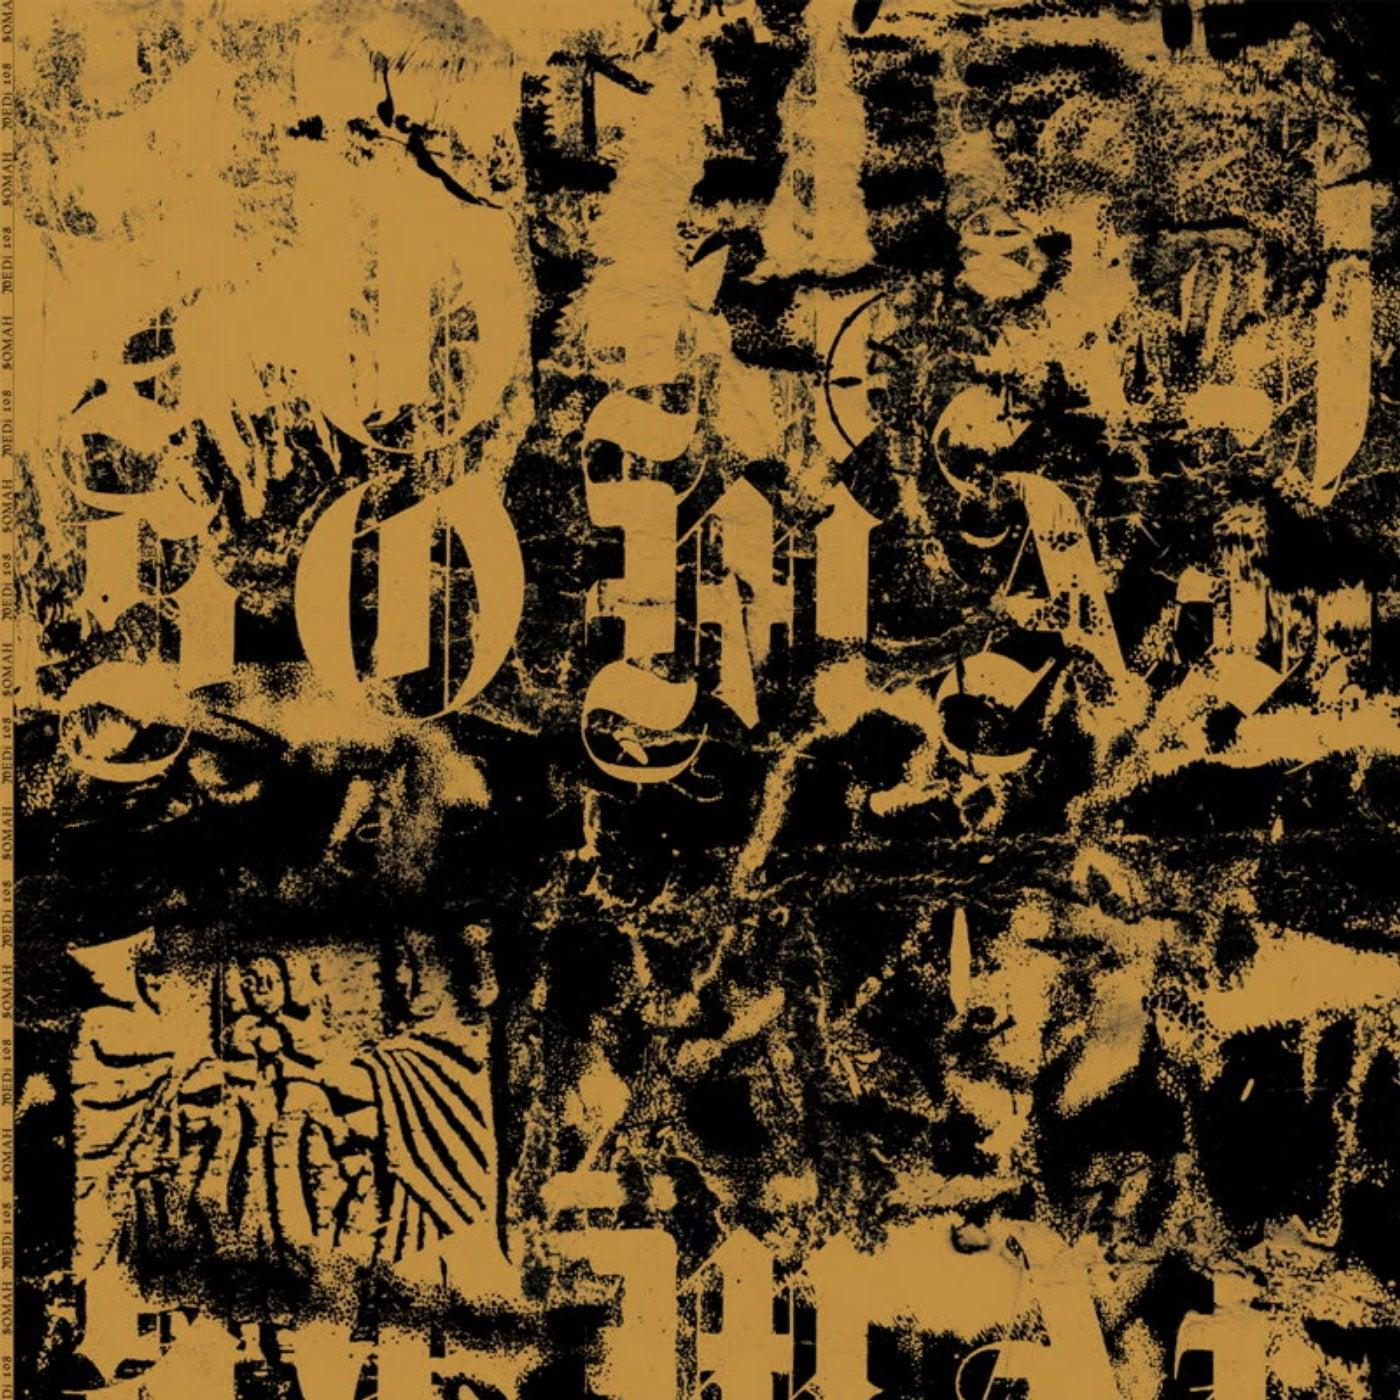 Binural (feat. Surreal) (Original Mix)